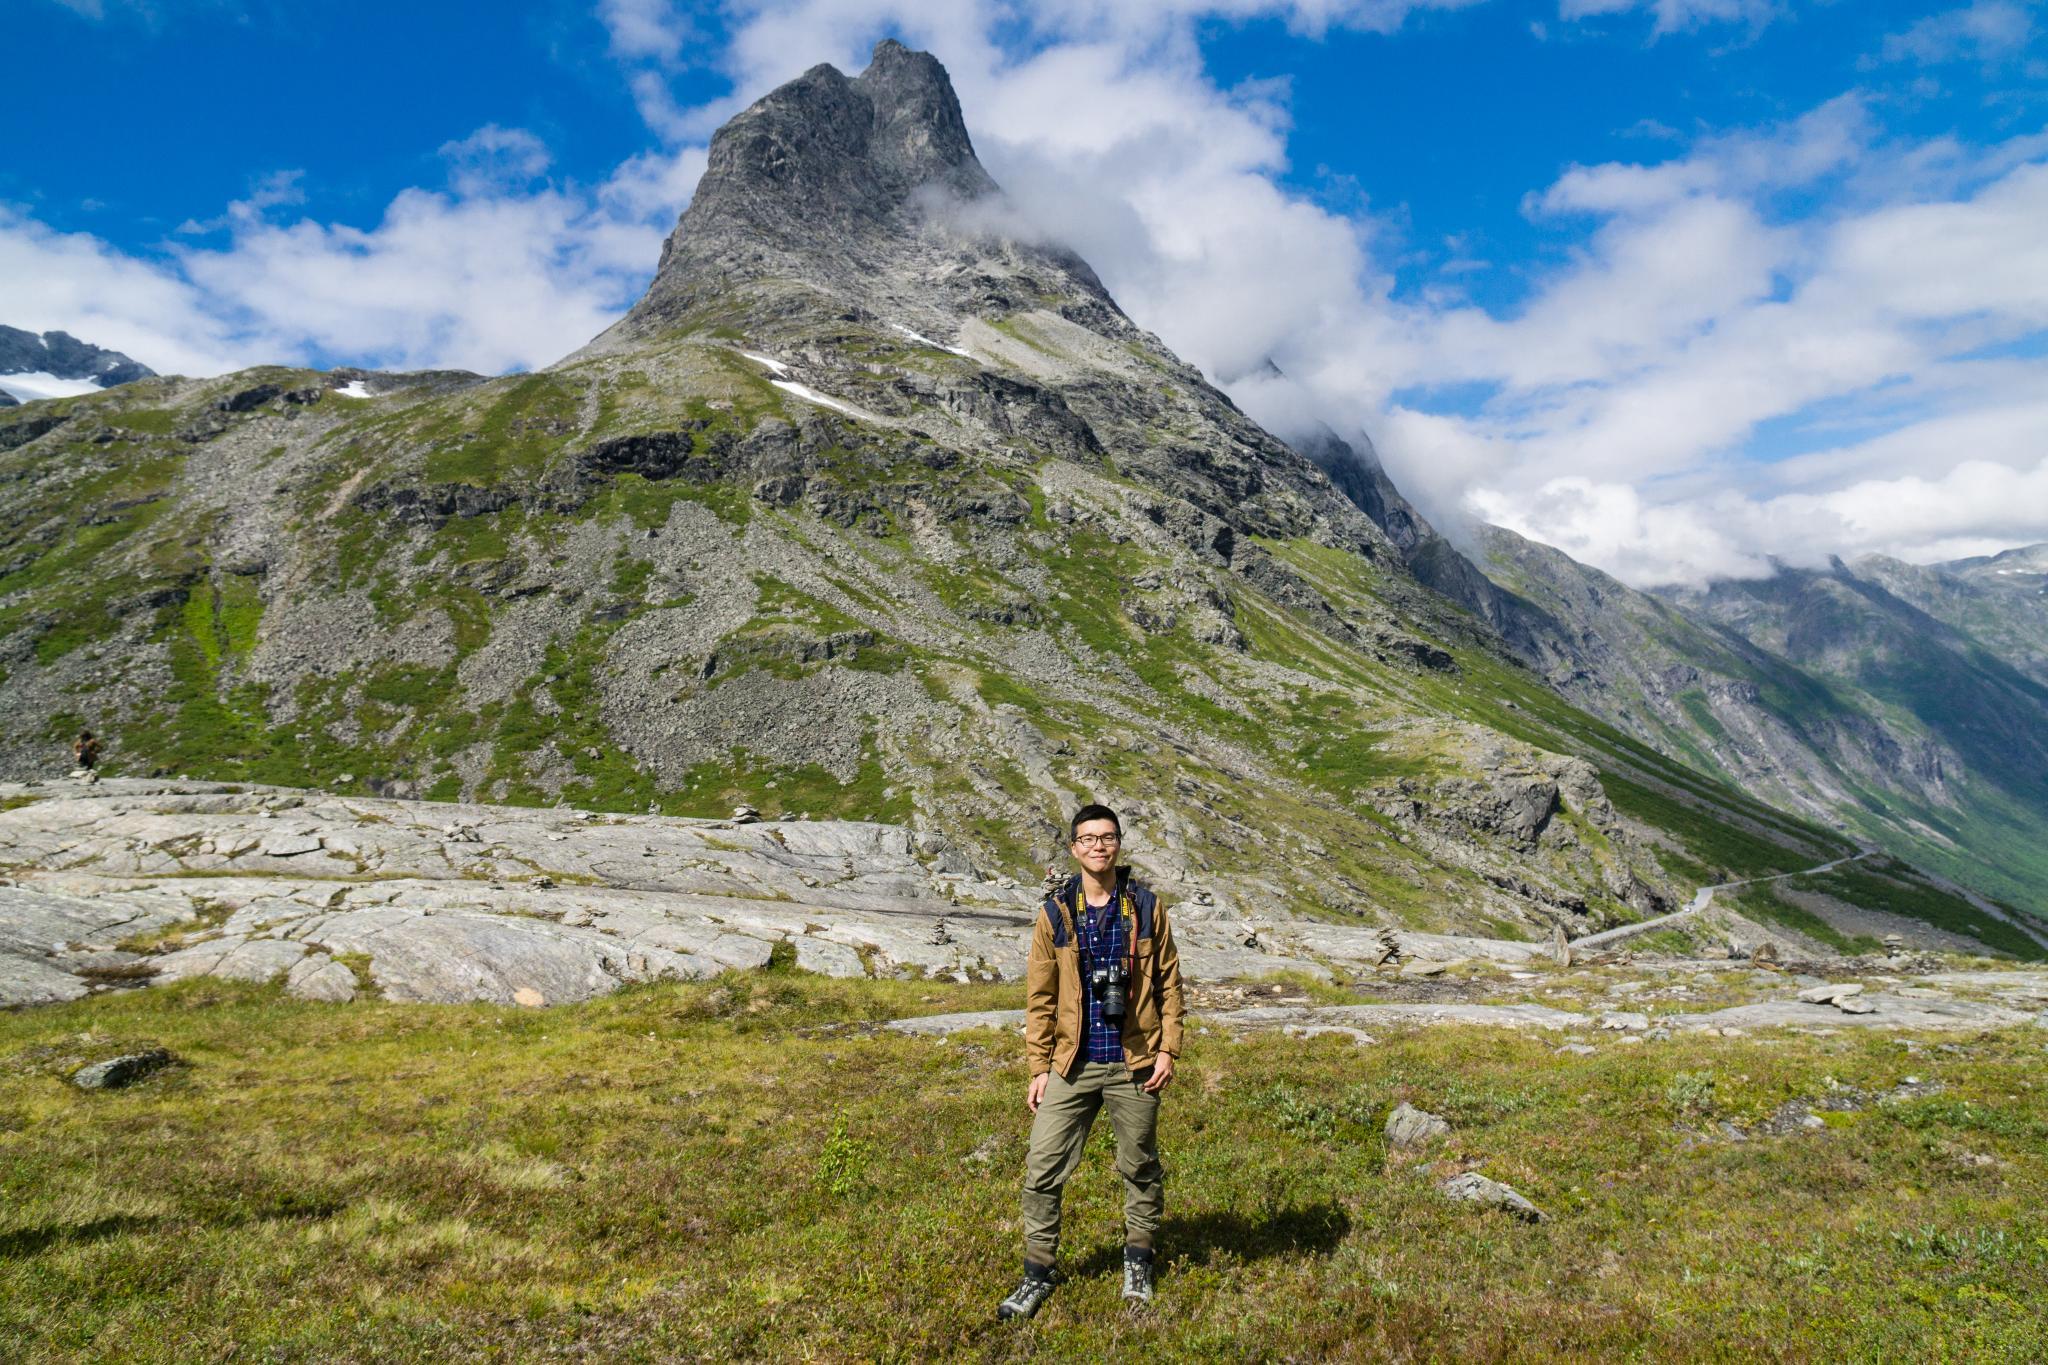 【北歐景點】Trollstigen 精靈之路 ∣ 挪威最驚險的世界級景觀公路 28